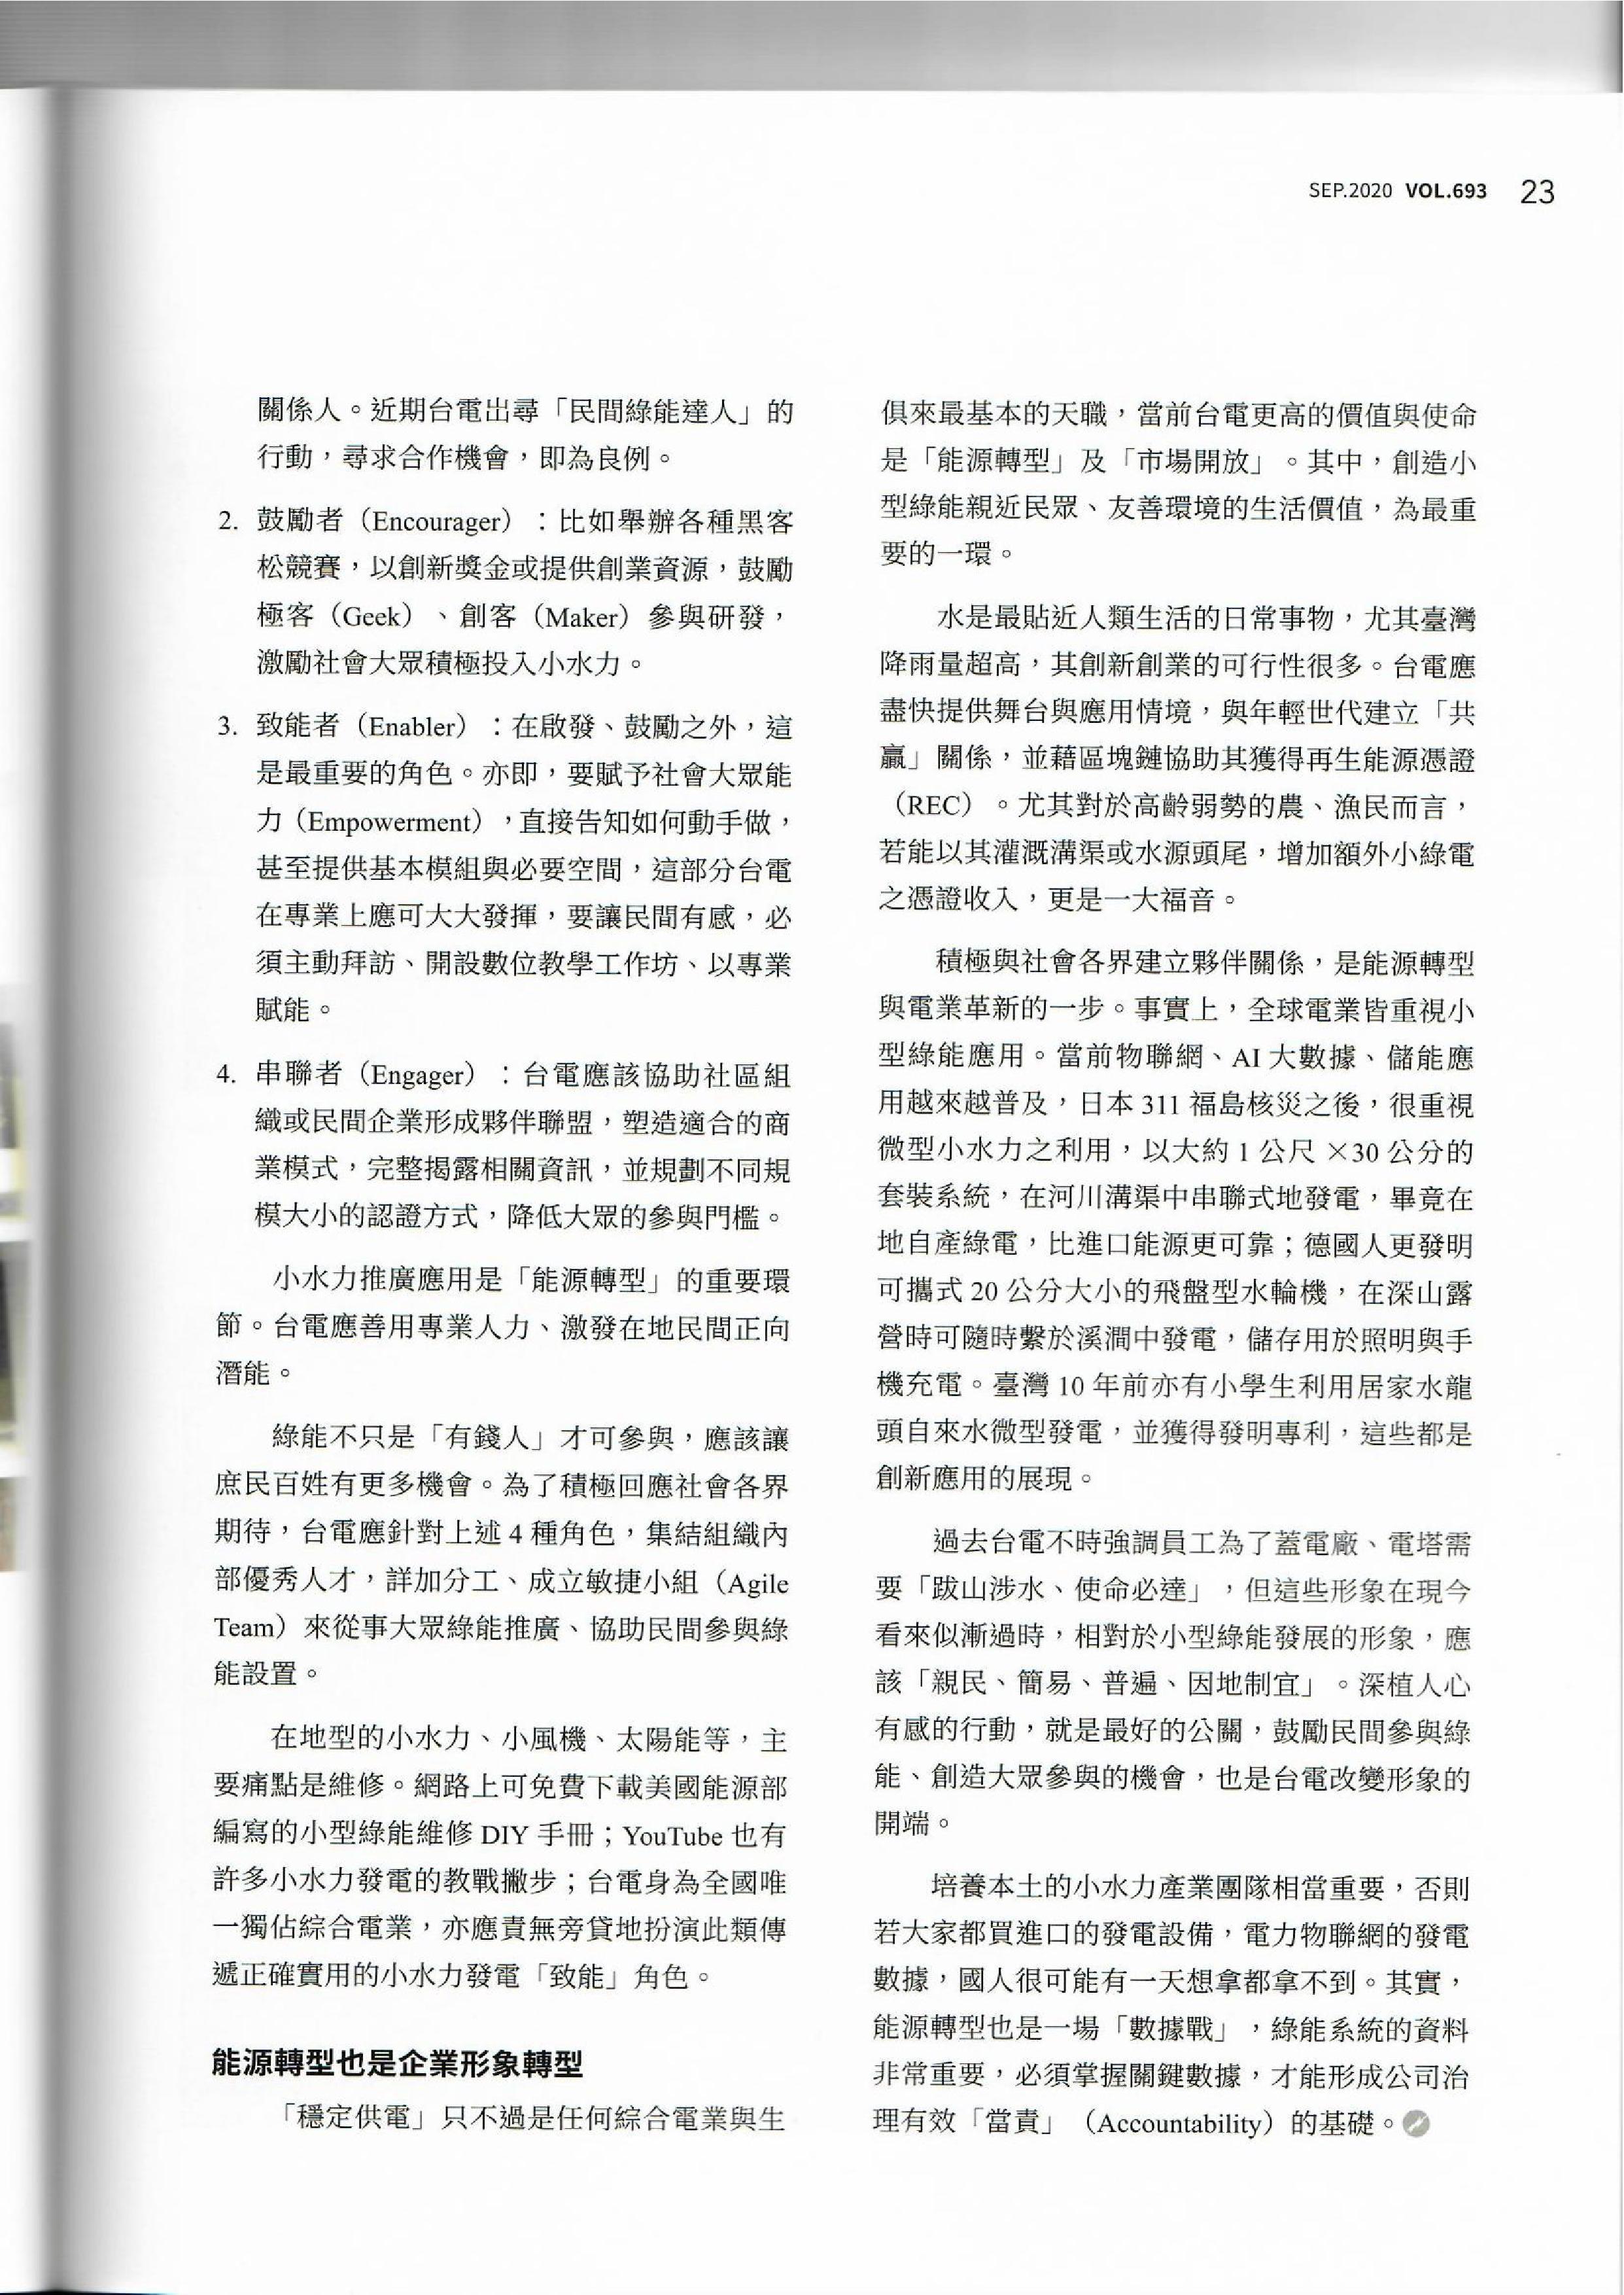 台電月刊693期 採訪 掃描檔-2